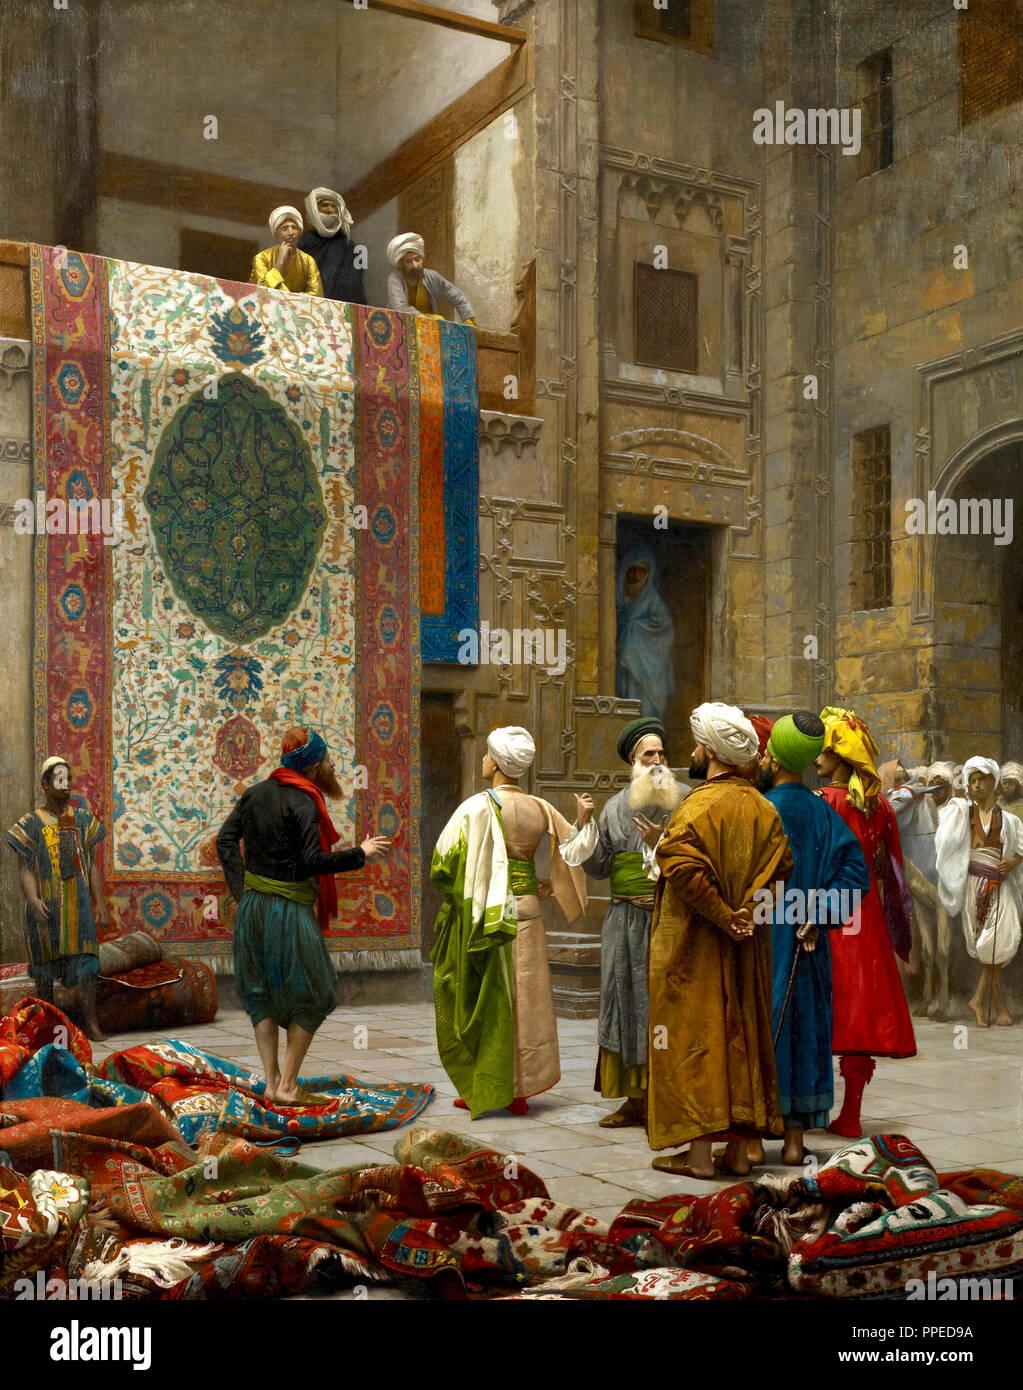 Jean-Leon Gerome, der Teppich Kaufmann/Teppich Kaufmann in Kairo. Circa 1887. Öl auf Leinwand. Institut für Kunst in Minneapolis, USA. Stockbild